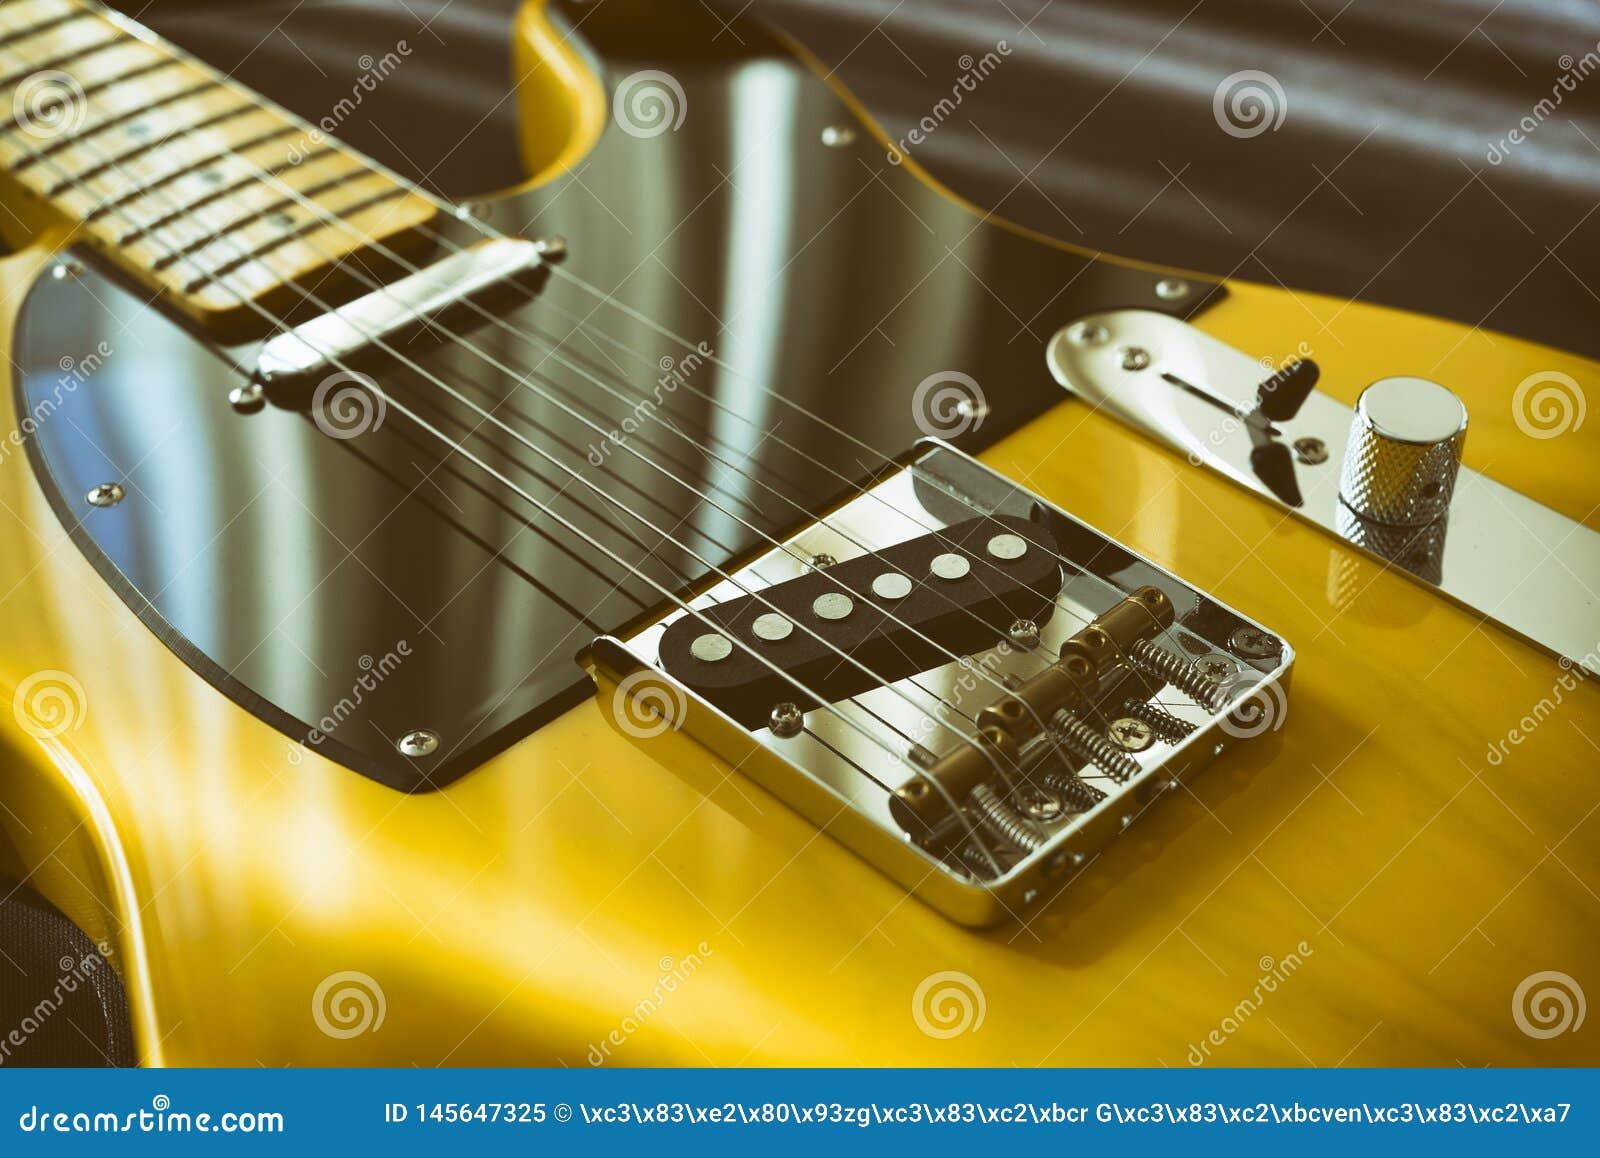 Uitstekende gele elektrische gitaar